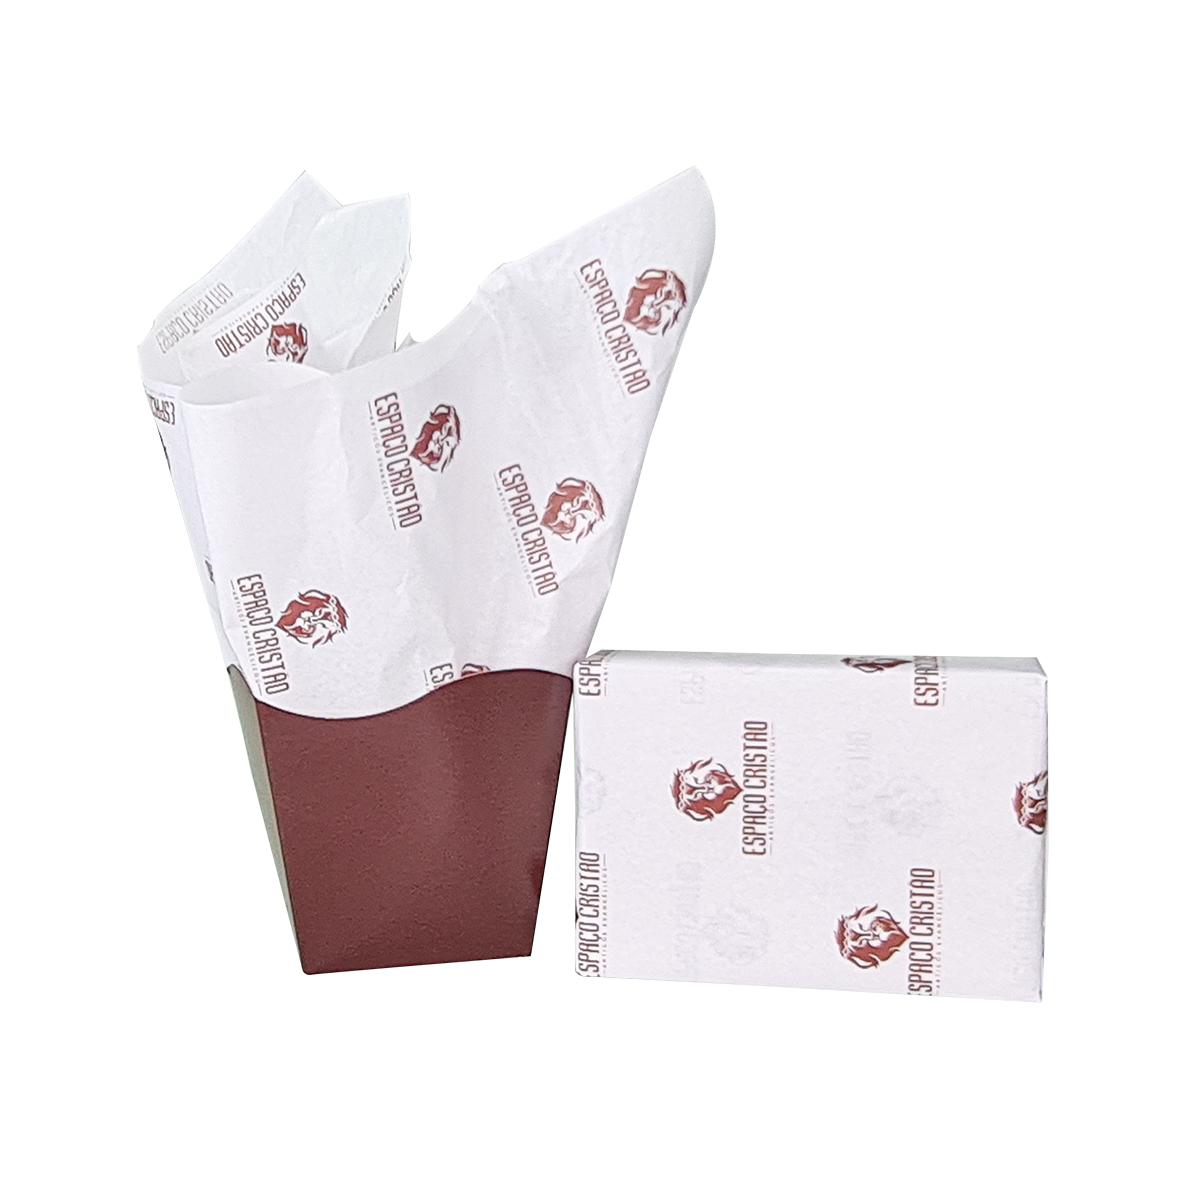 Papel de Seda Personalizado 20g/m - Tamanho 50 x 70 - Linha paper 394  - Litex Embalagens